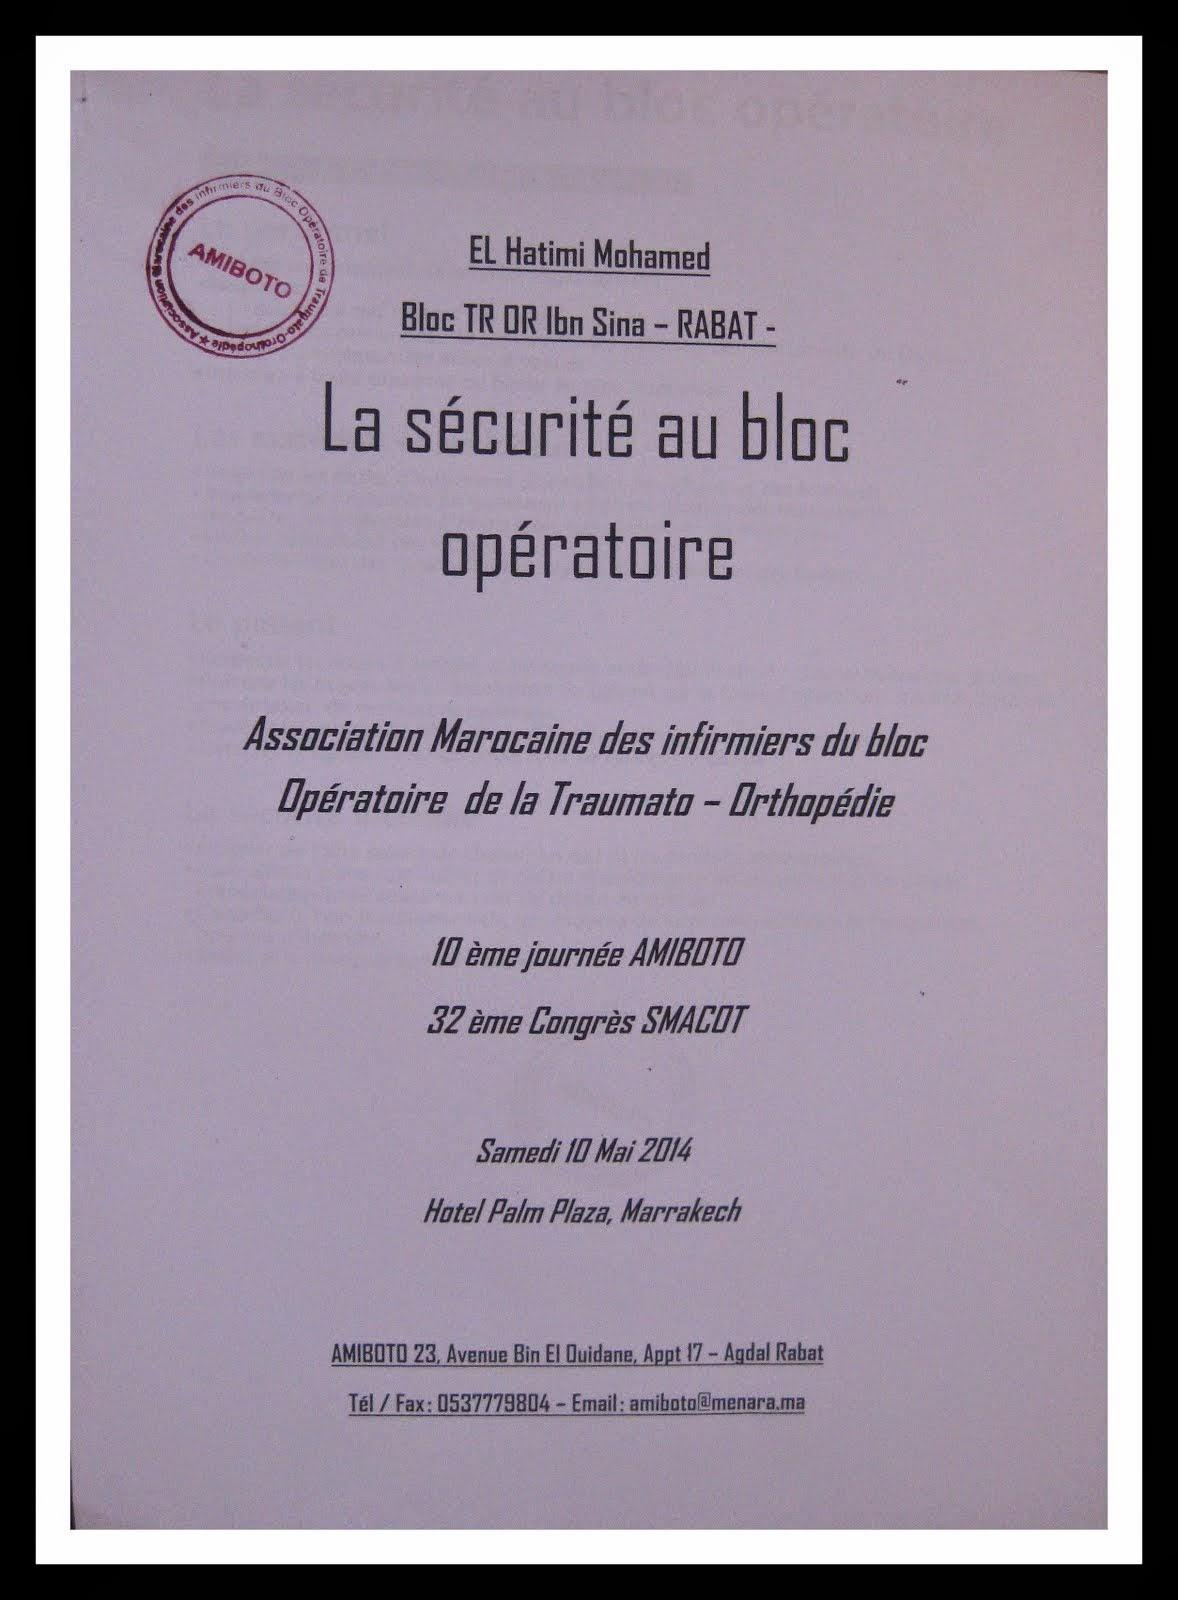 LA SECURITE AU BLOC OPERATOIRE